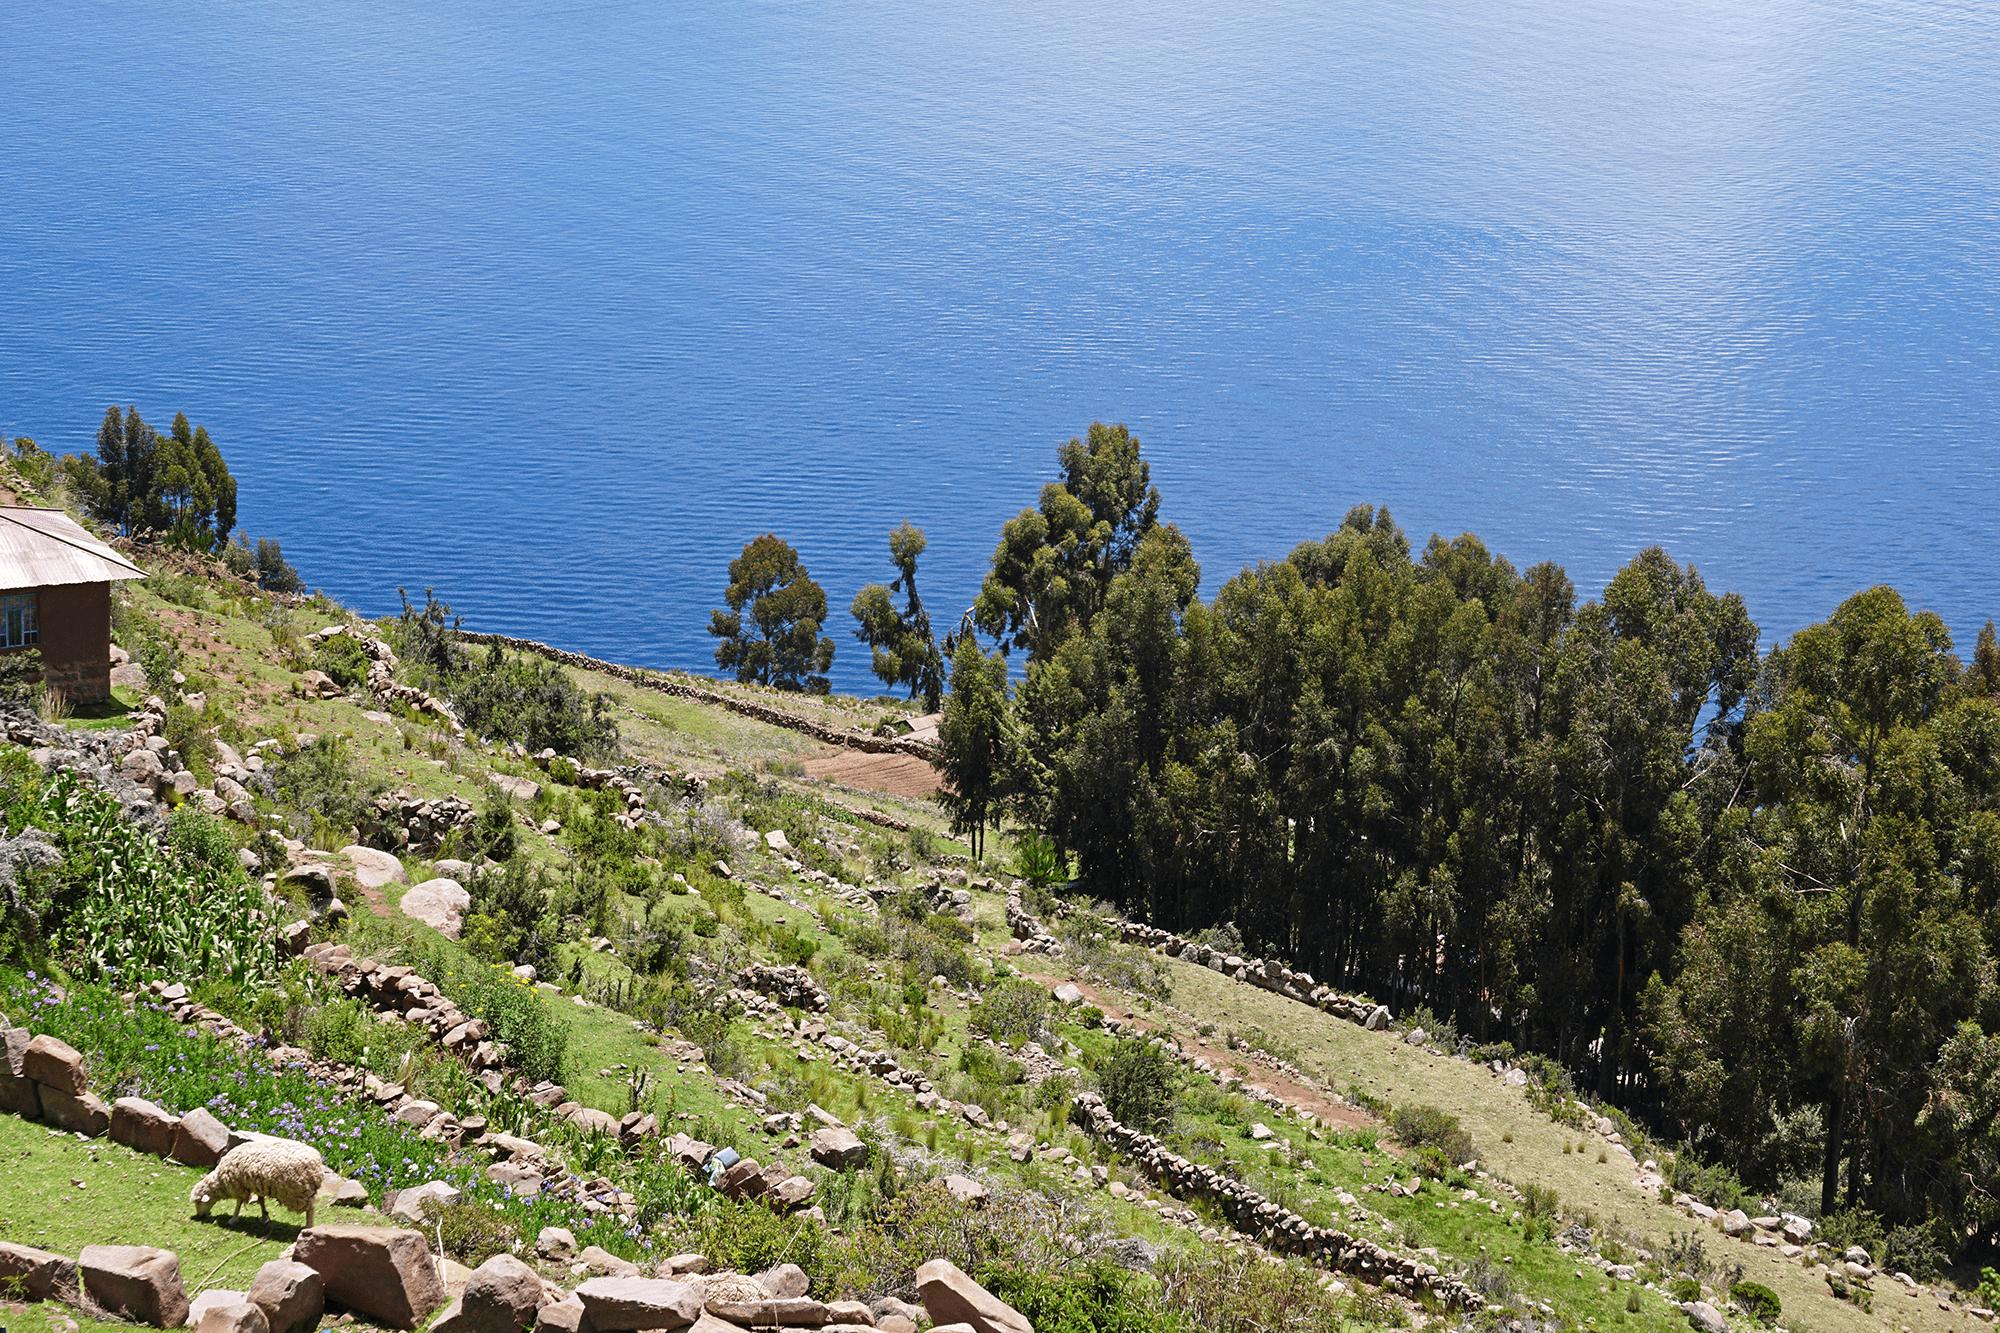 Taquile island | Lake Titicaca, Peru